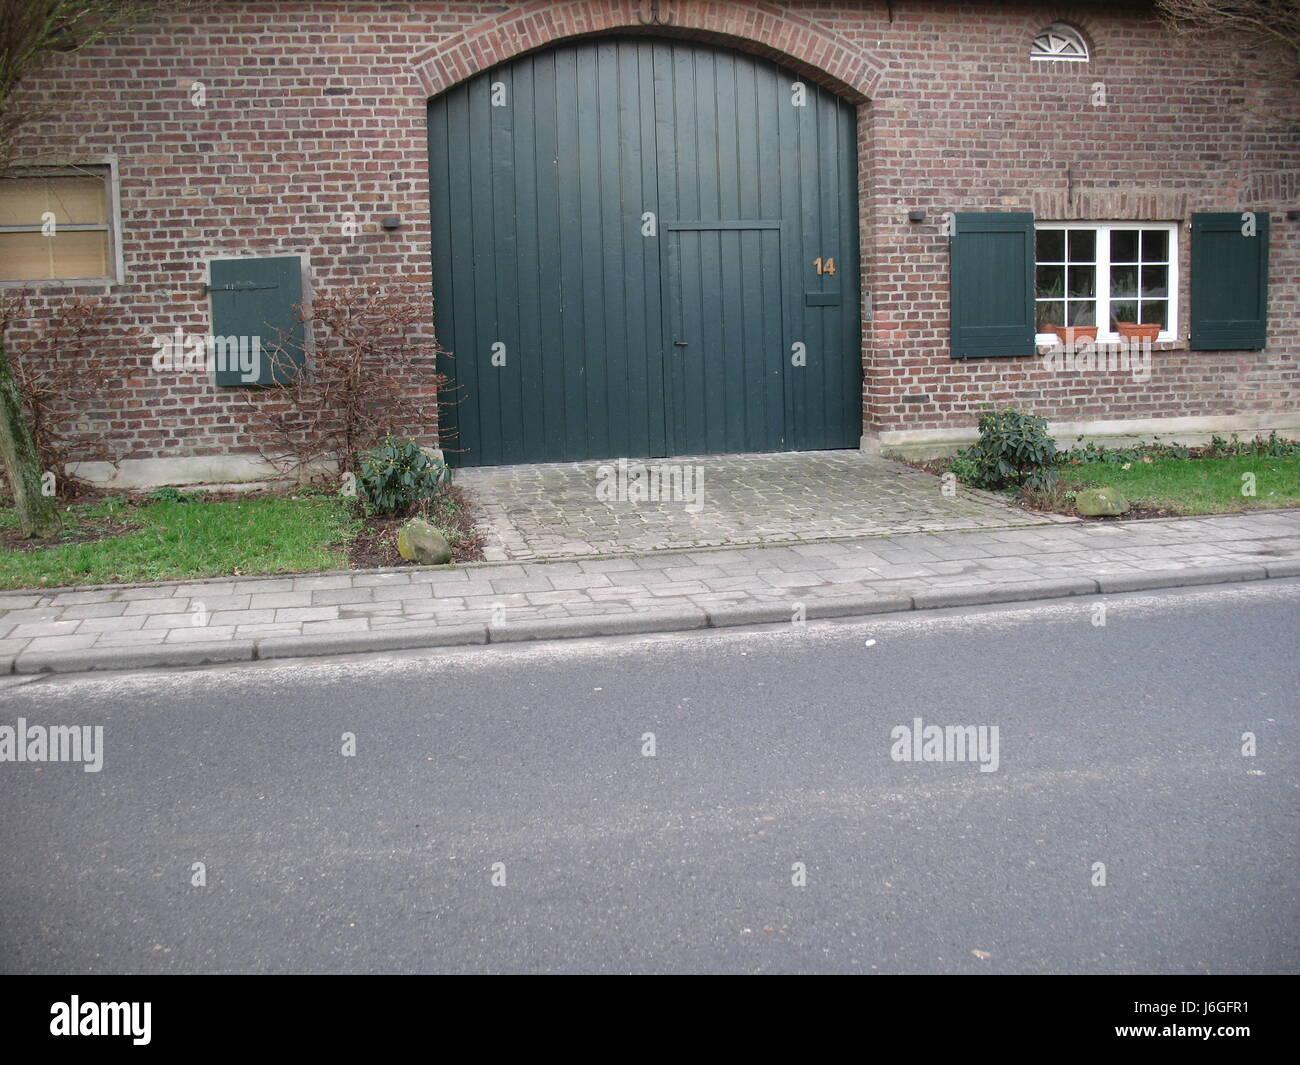 Garage Backstein Scheune Klinker Kreisbogen Garage Tur Haus Gebaude